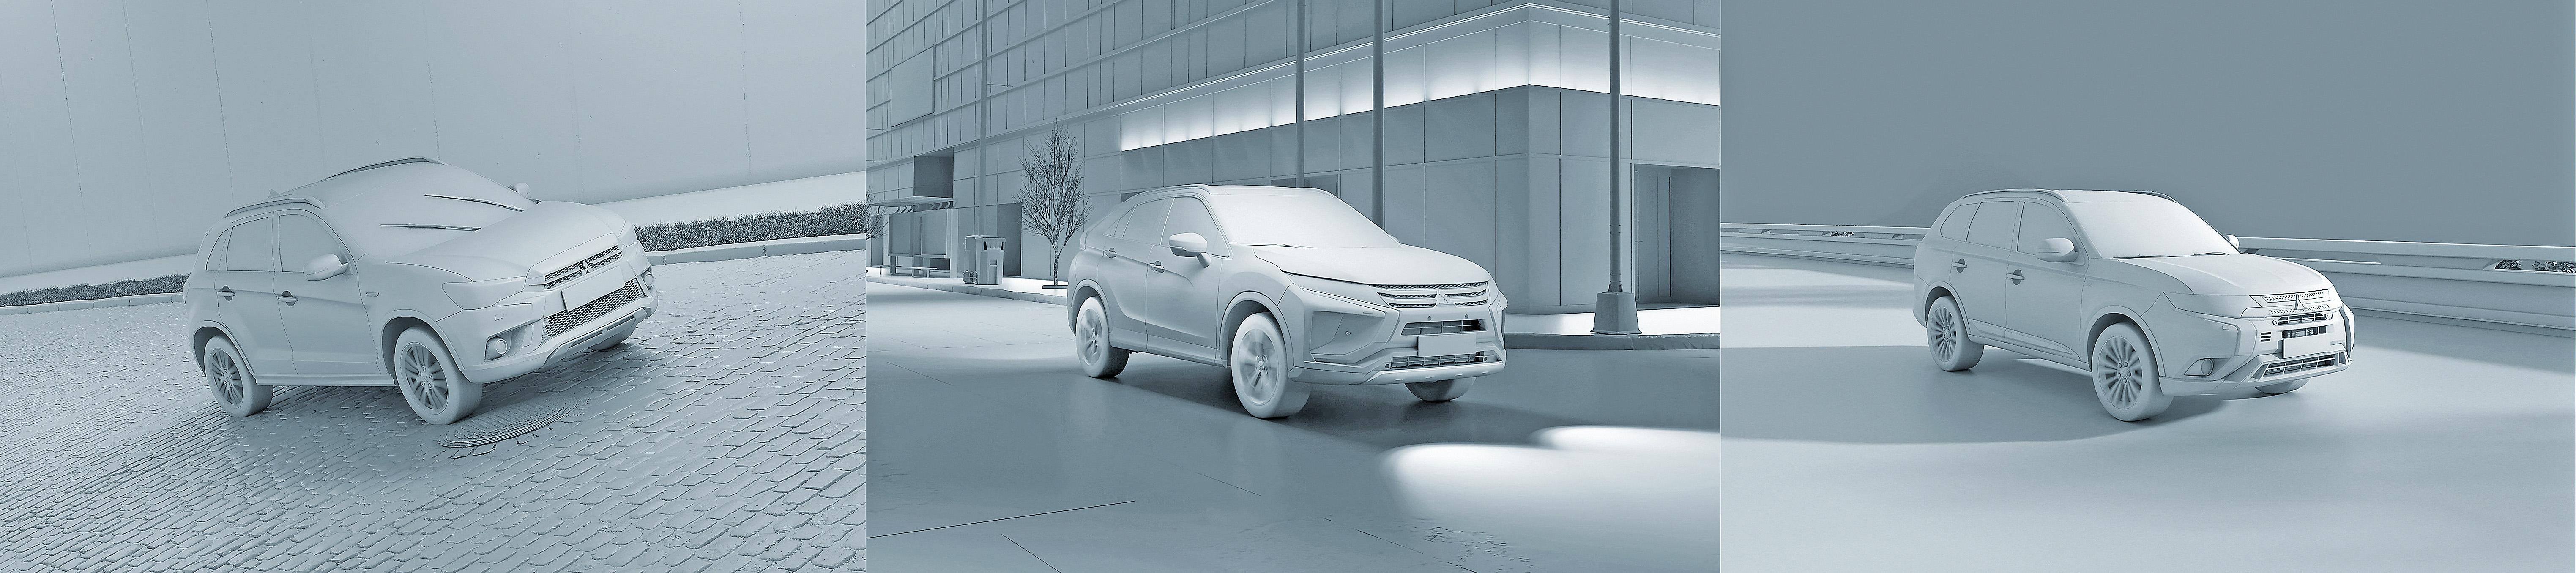 Mitsubishi_2019_line_SUV_clay